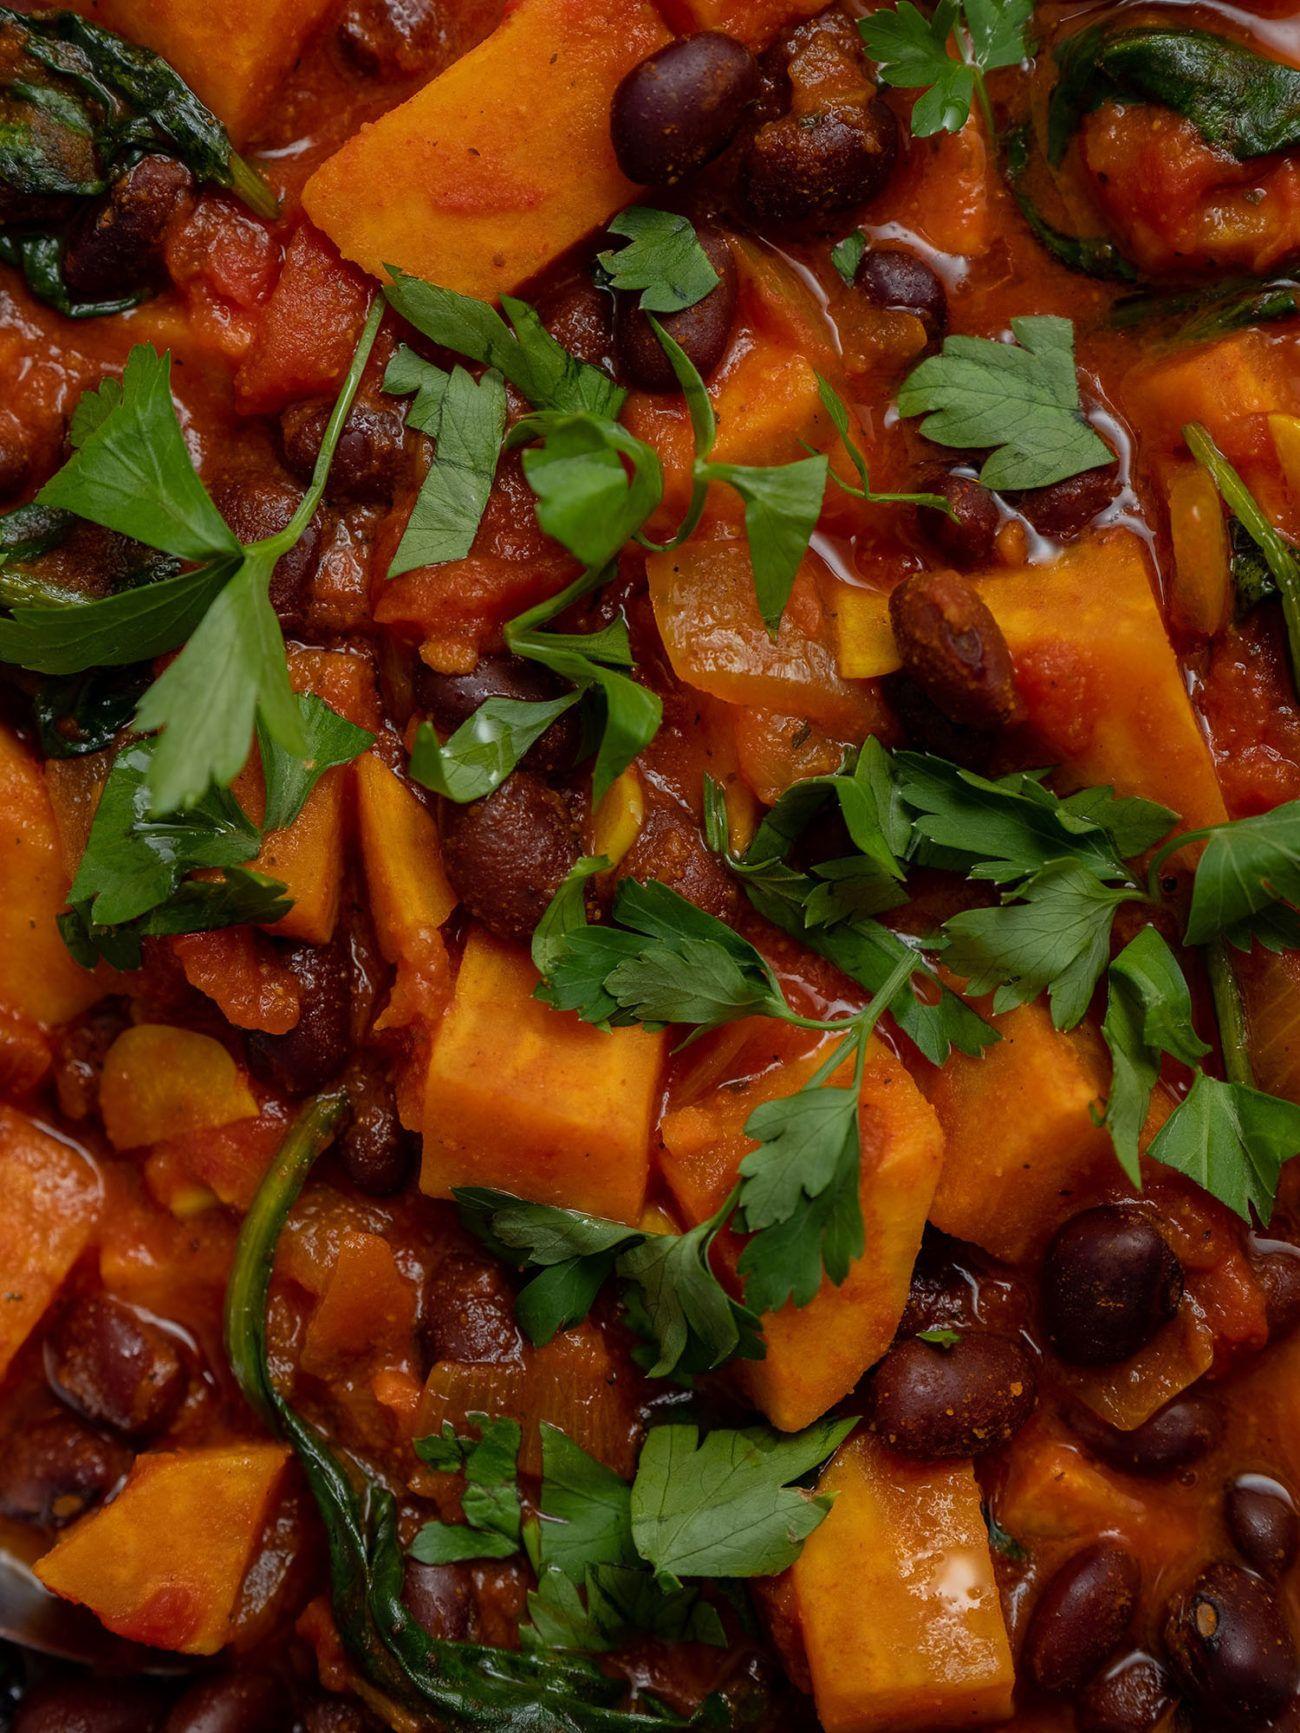 Rezept Süßkartoffeleintopf mit Kidney Bohnen und Spinat, Süßkartoffel, Petersilie, Tomaten, Kidney Bohnen